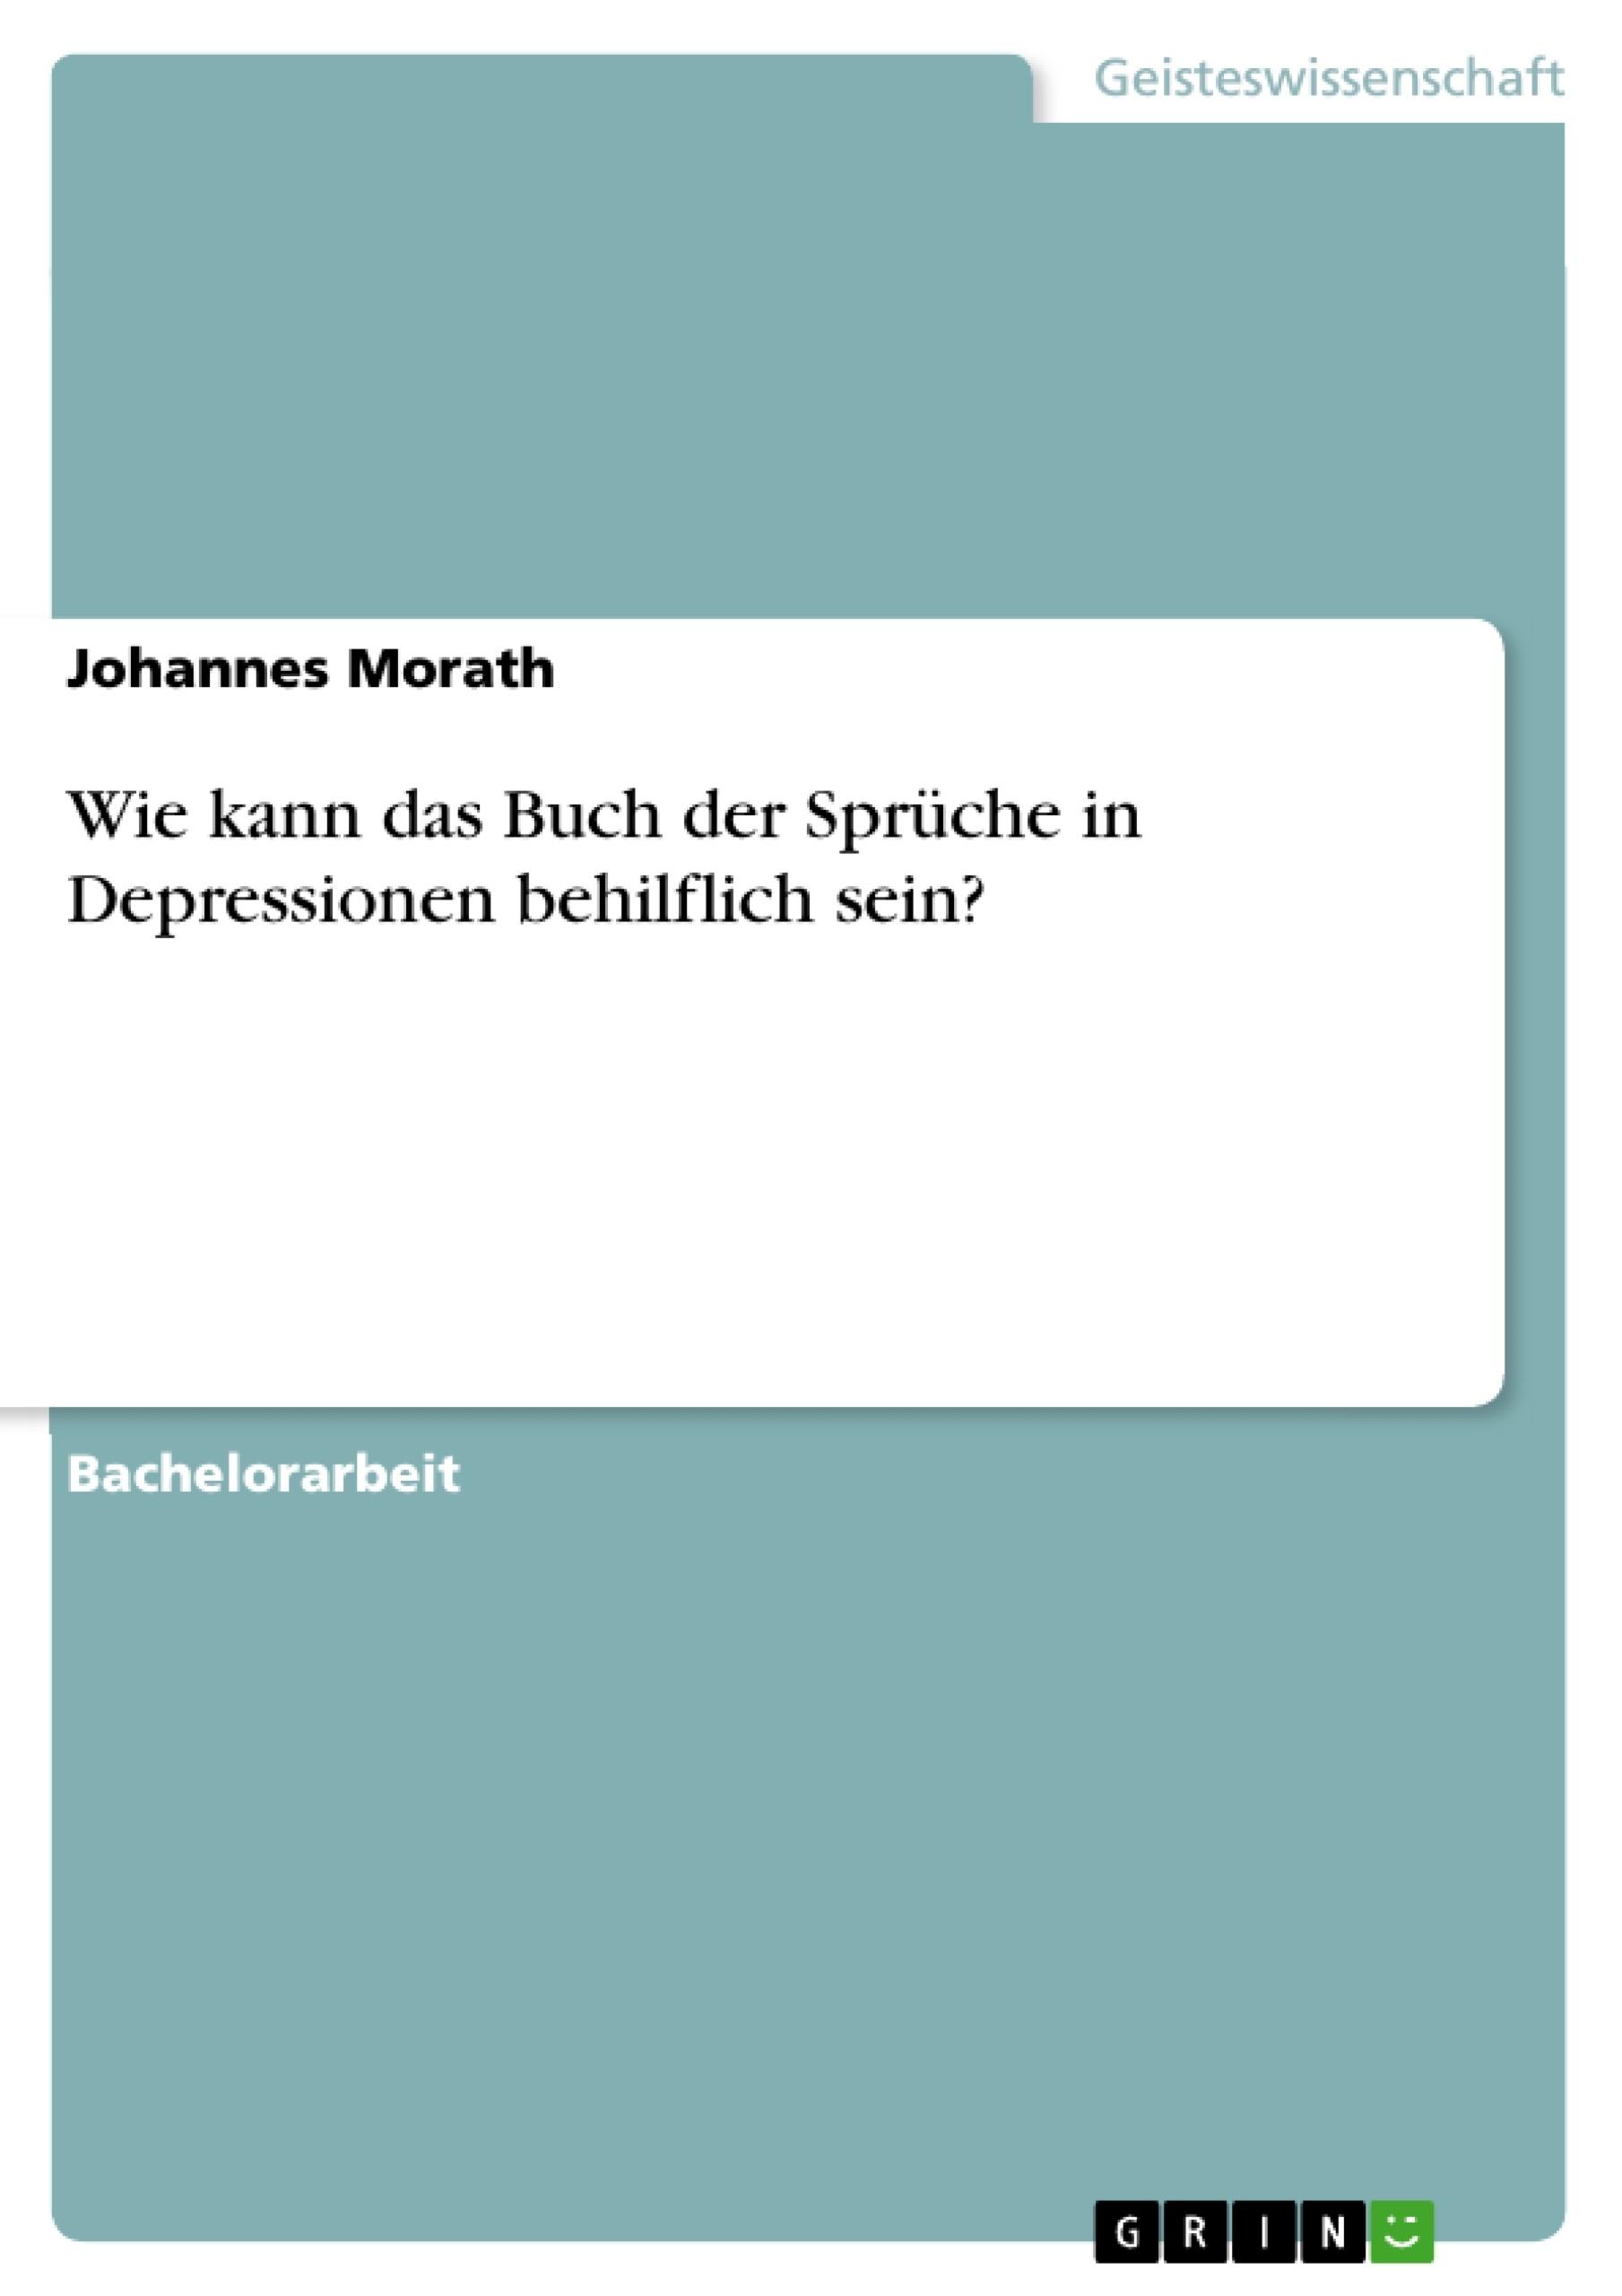 Titel: Wie kann das Buch der Sprüche in Depressionen behilflich sein?